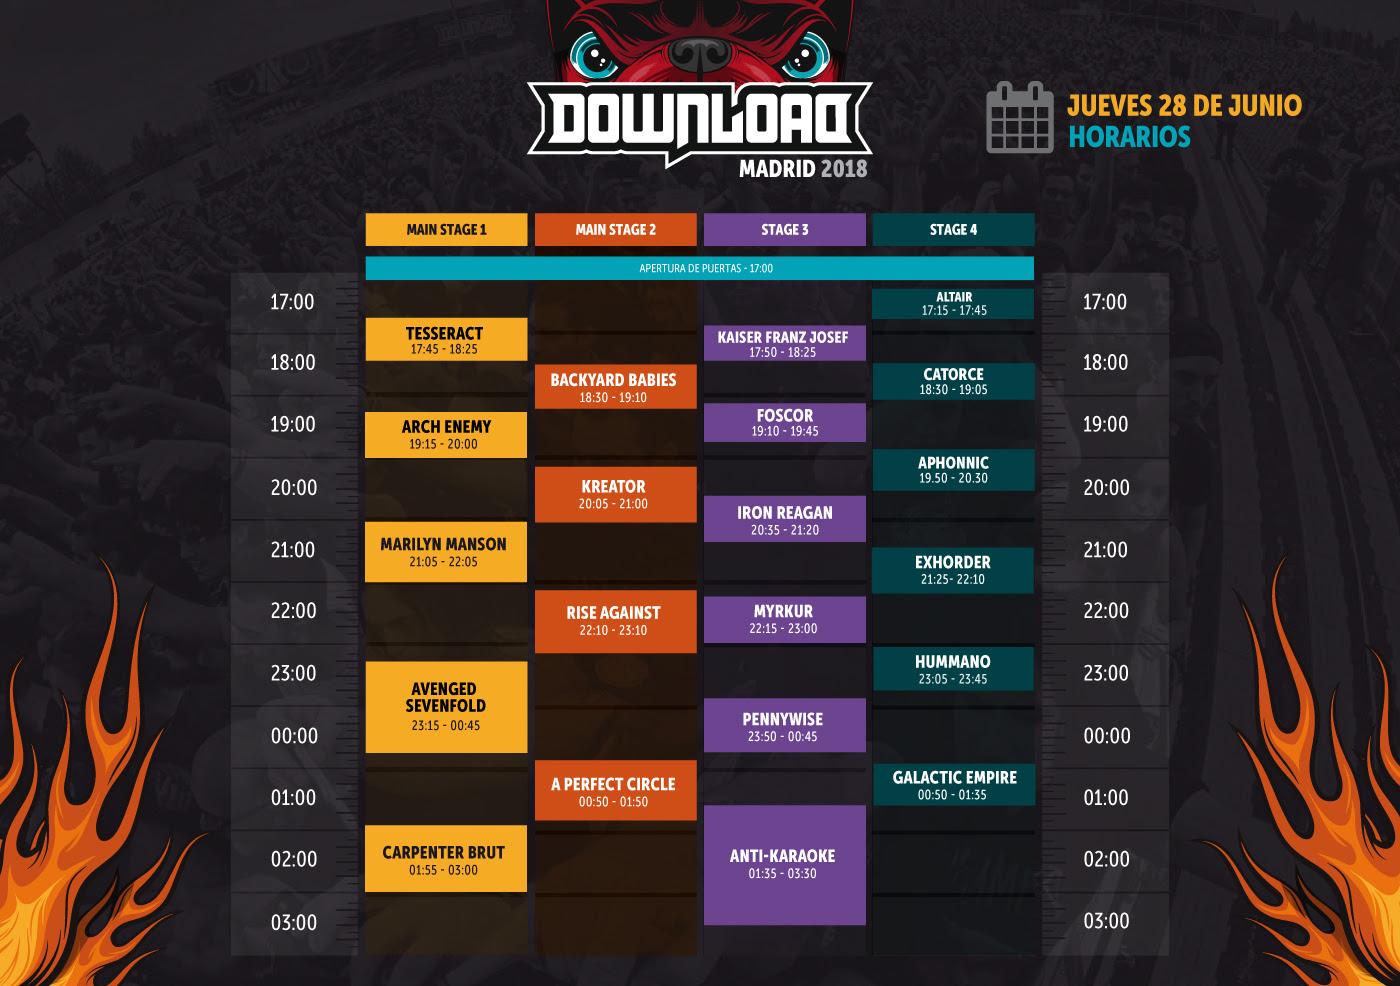 downlaod-festival-madrid-jueves-28-de-junio